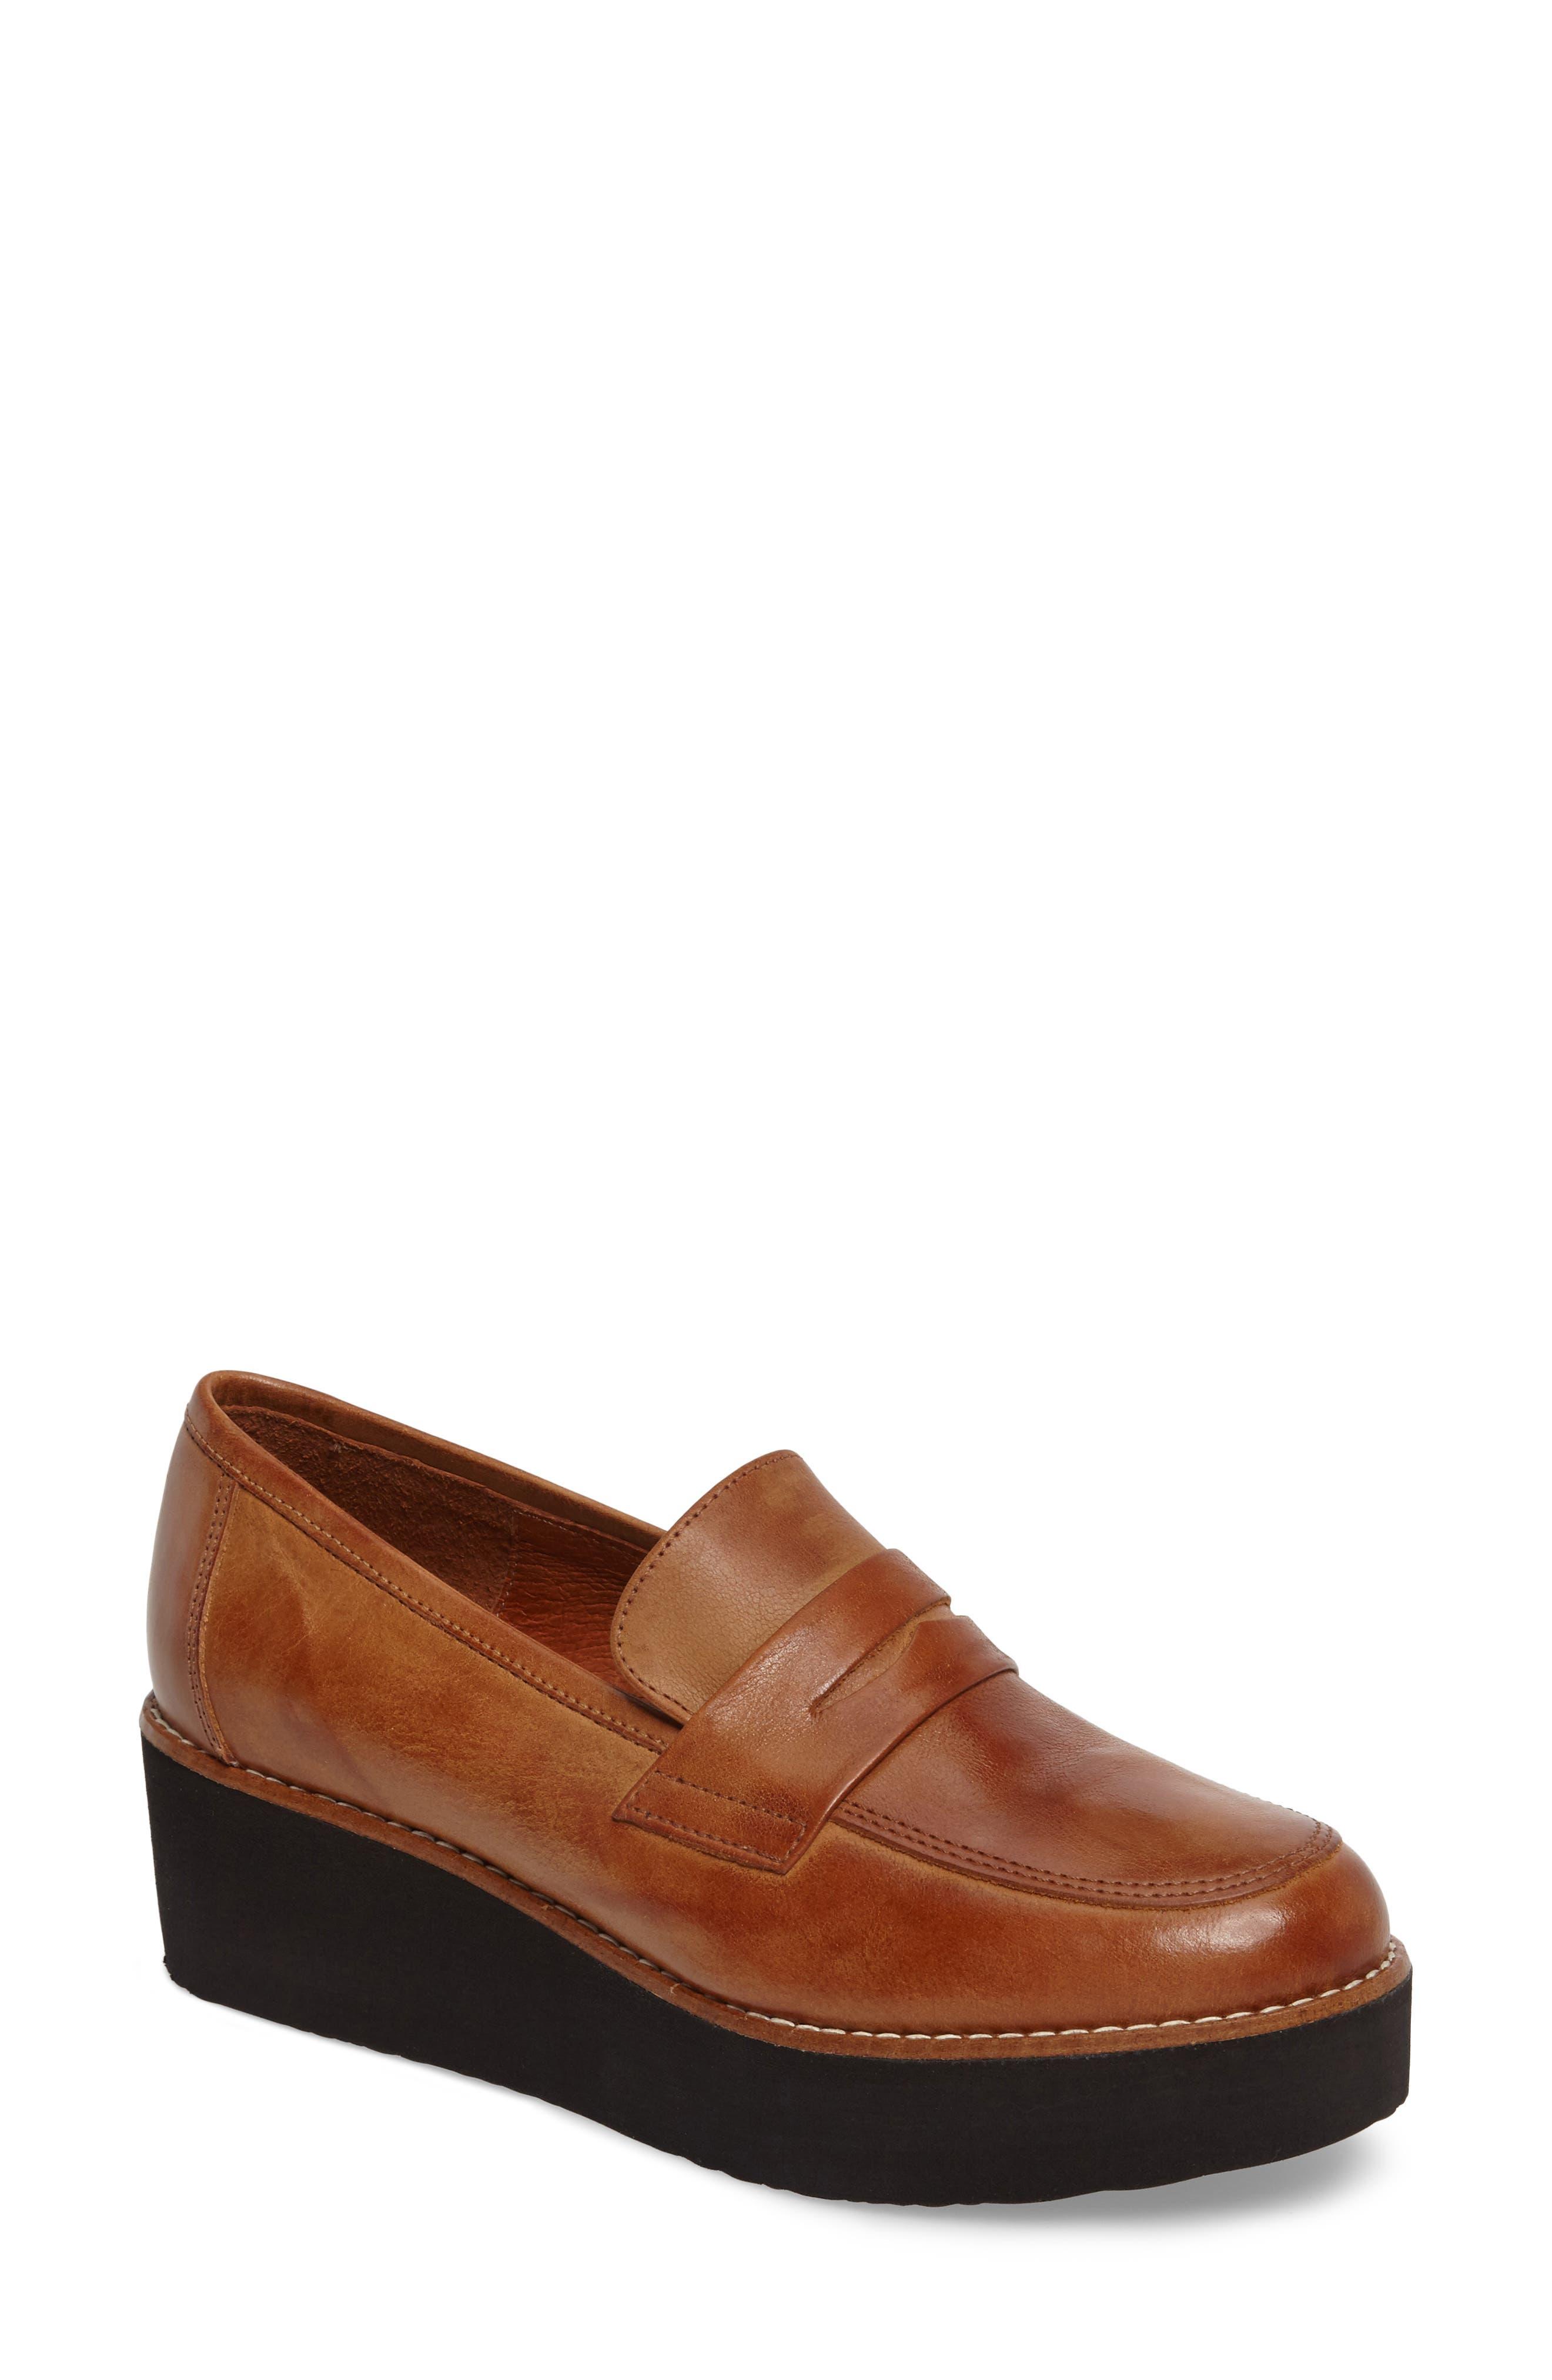 Santiago Platform Penny Loafer,                         Main,                         color, Brown Leather